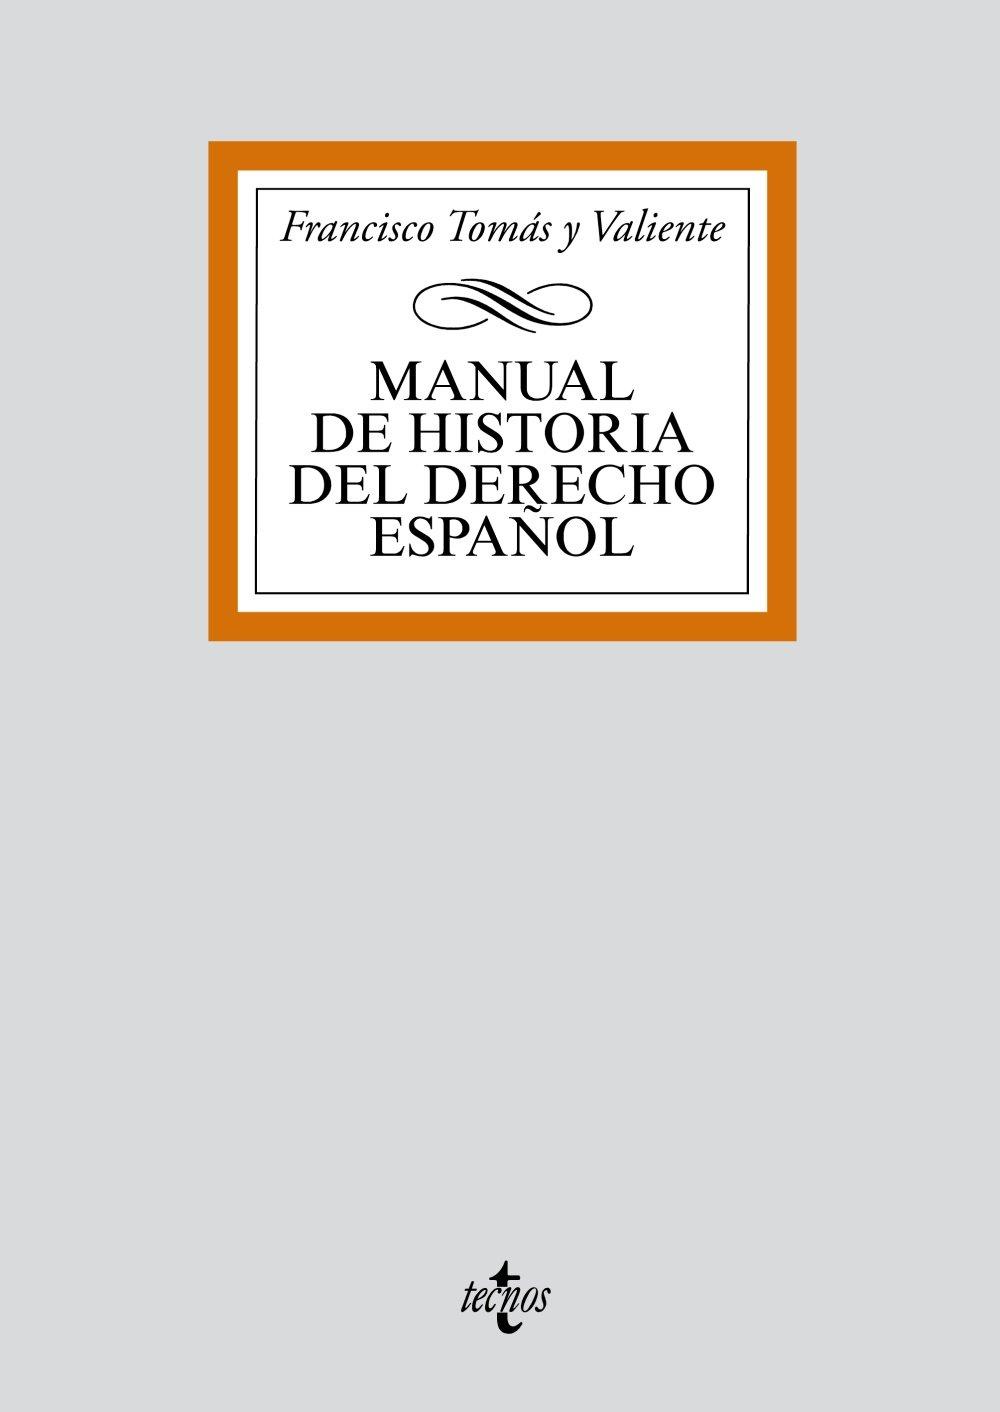 Manual de Historia del Derecho español (Derecho - Biblioteca Universitaria De Editorial Tecnos) Tapa blanda – 29 jun 2001 Francisco Tomás y Valiente 8430910069 General LAW / General